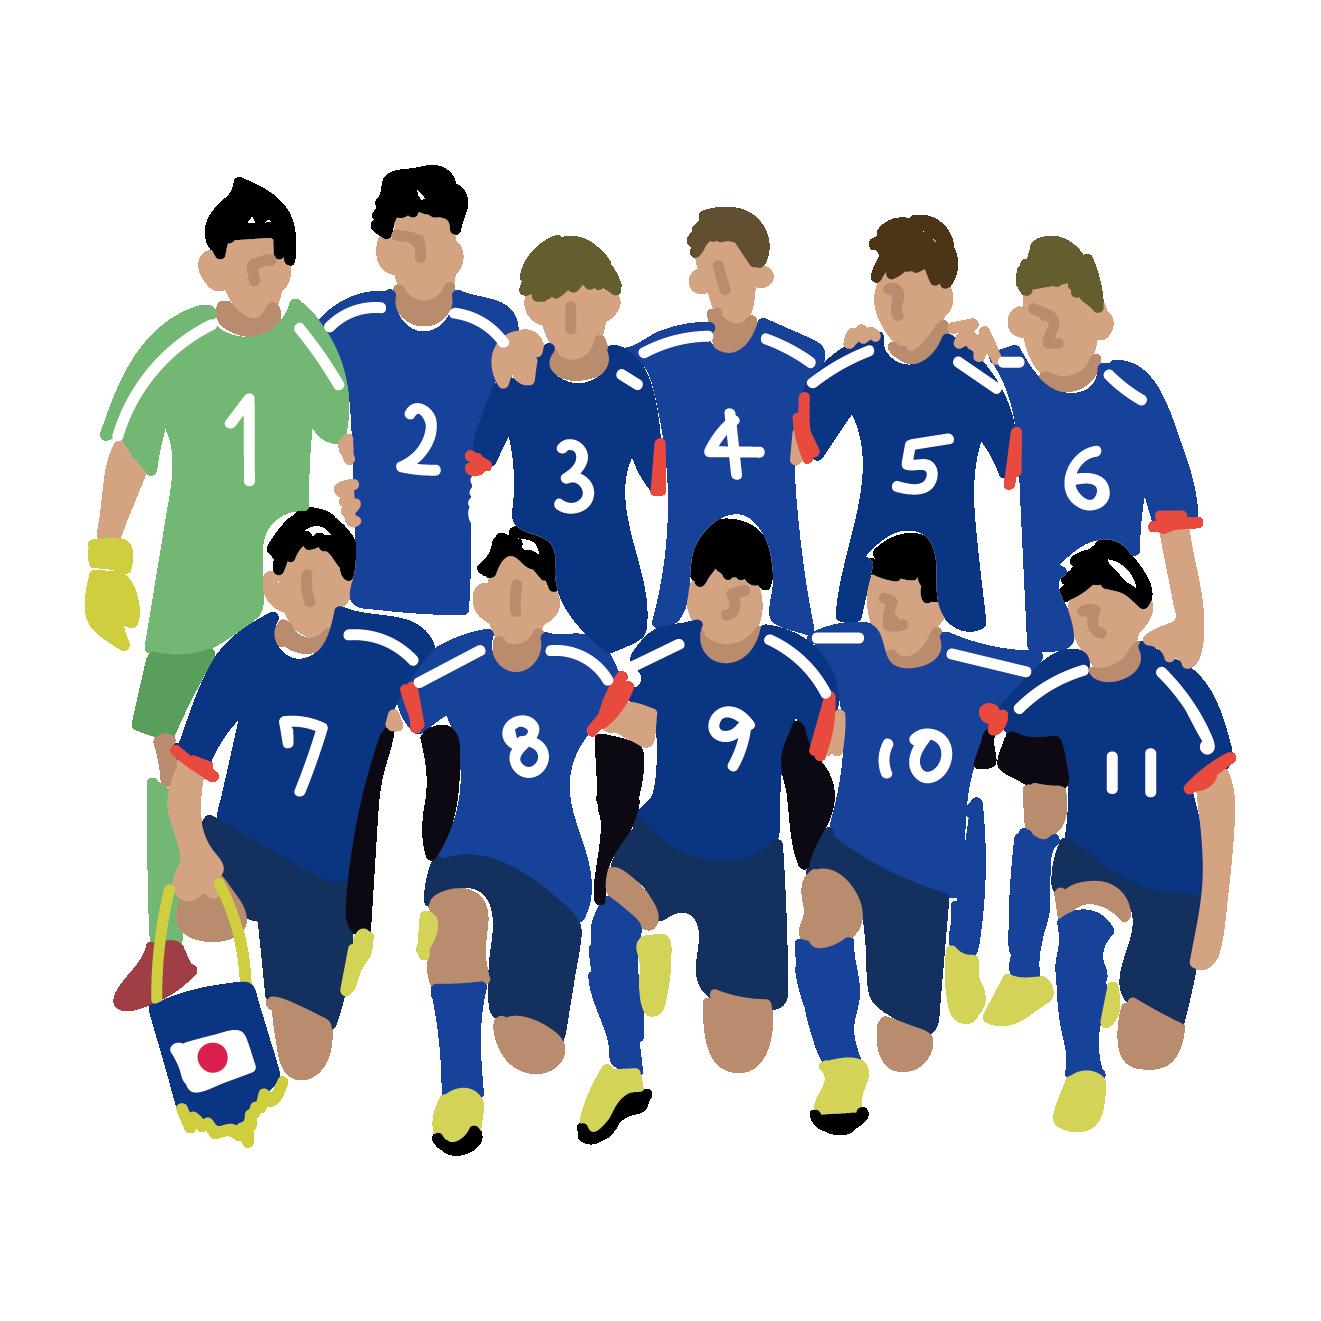 100枚以上のおすすめ画像 サッカー 無料 イラスト 画像あり